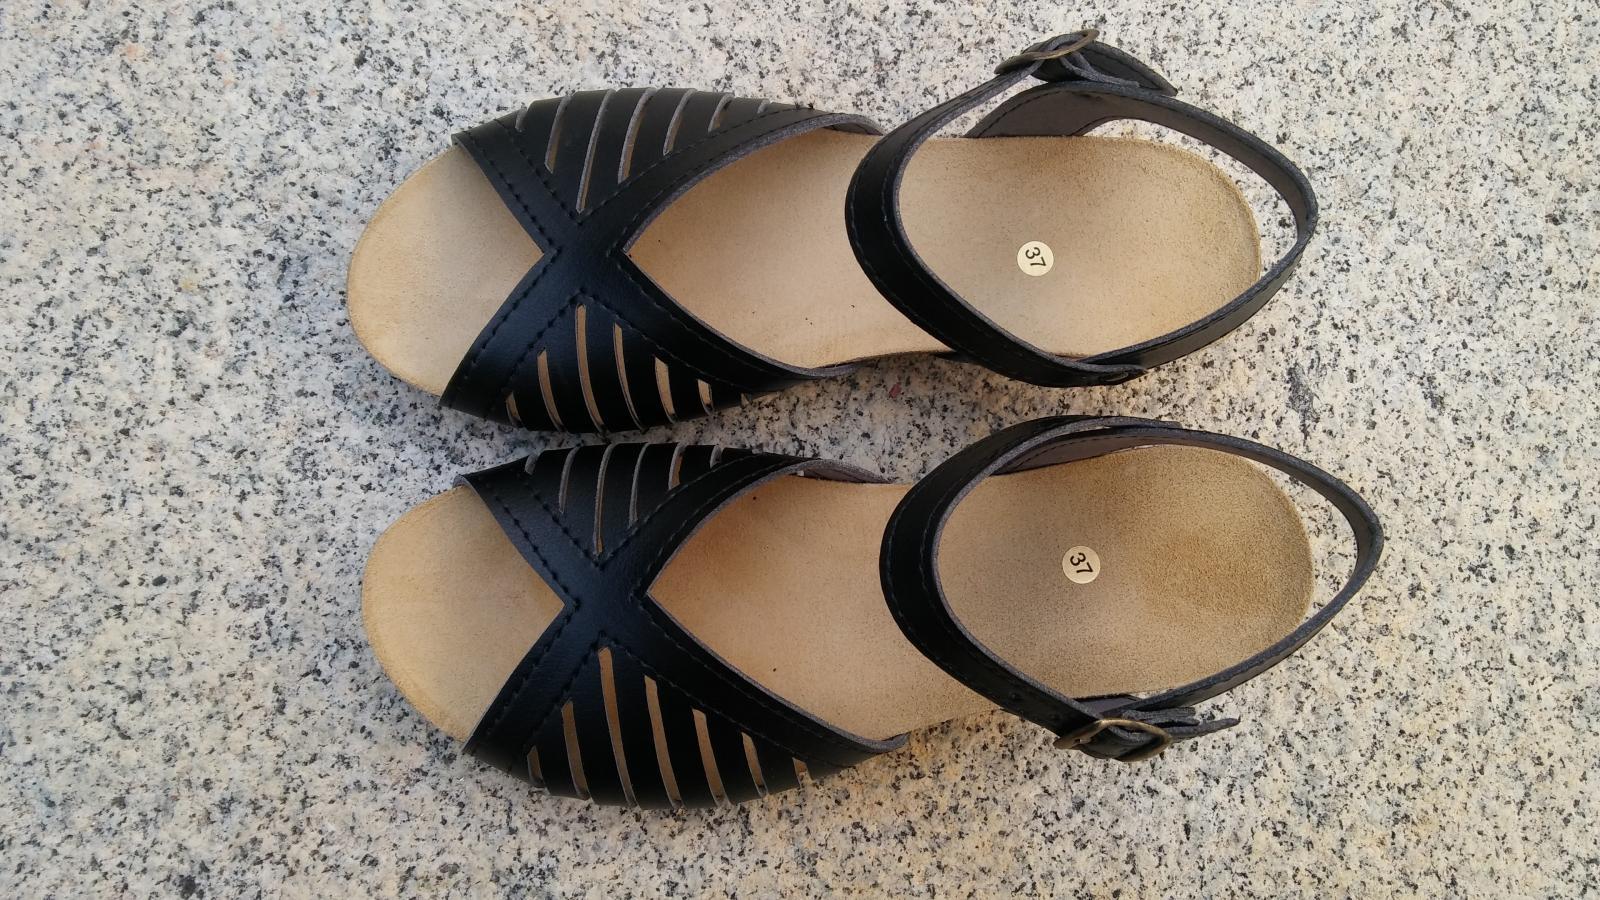 MÁLAGA negro, Colección 100% HECHO A MANO, sandalias veganas, sandalias veganas mujer, calzado vegano, sandalias de tacón medio, sandalias bioworld, vegan shoes, sandalias negras.